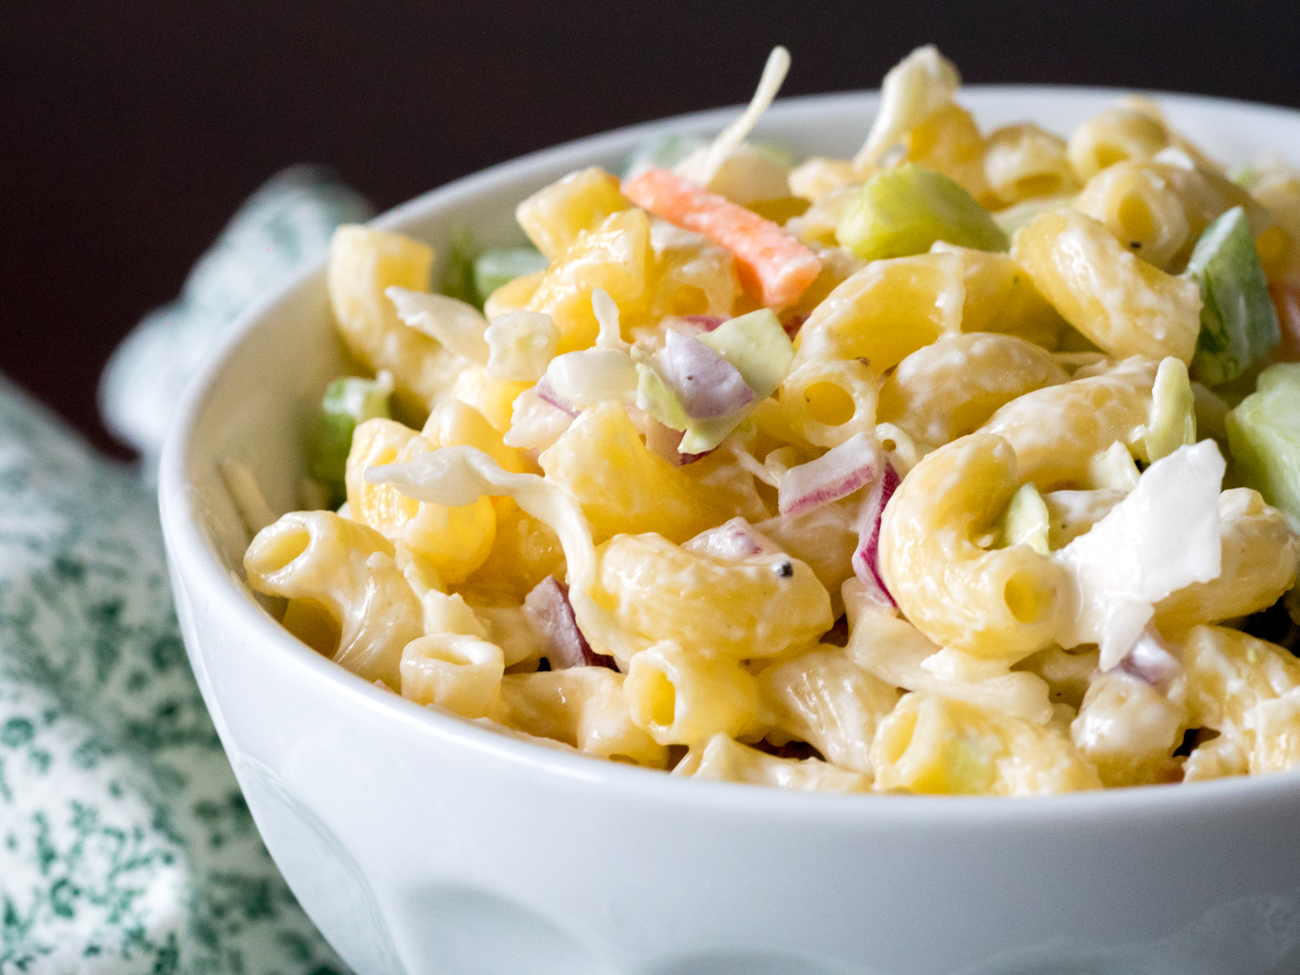 Macaroni-Coleslaw-Salad-Horizontal-2